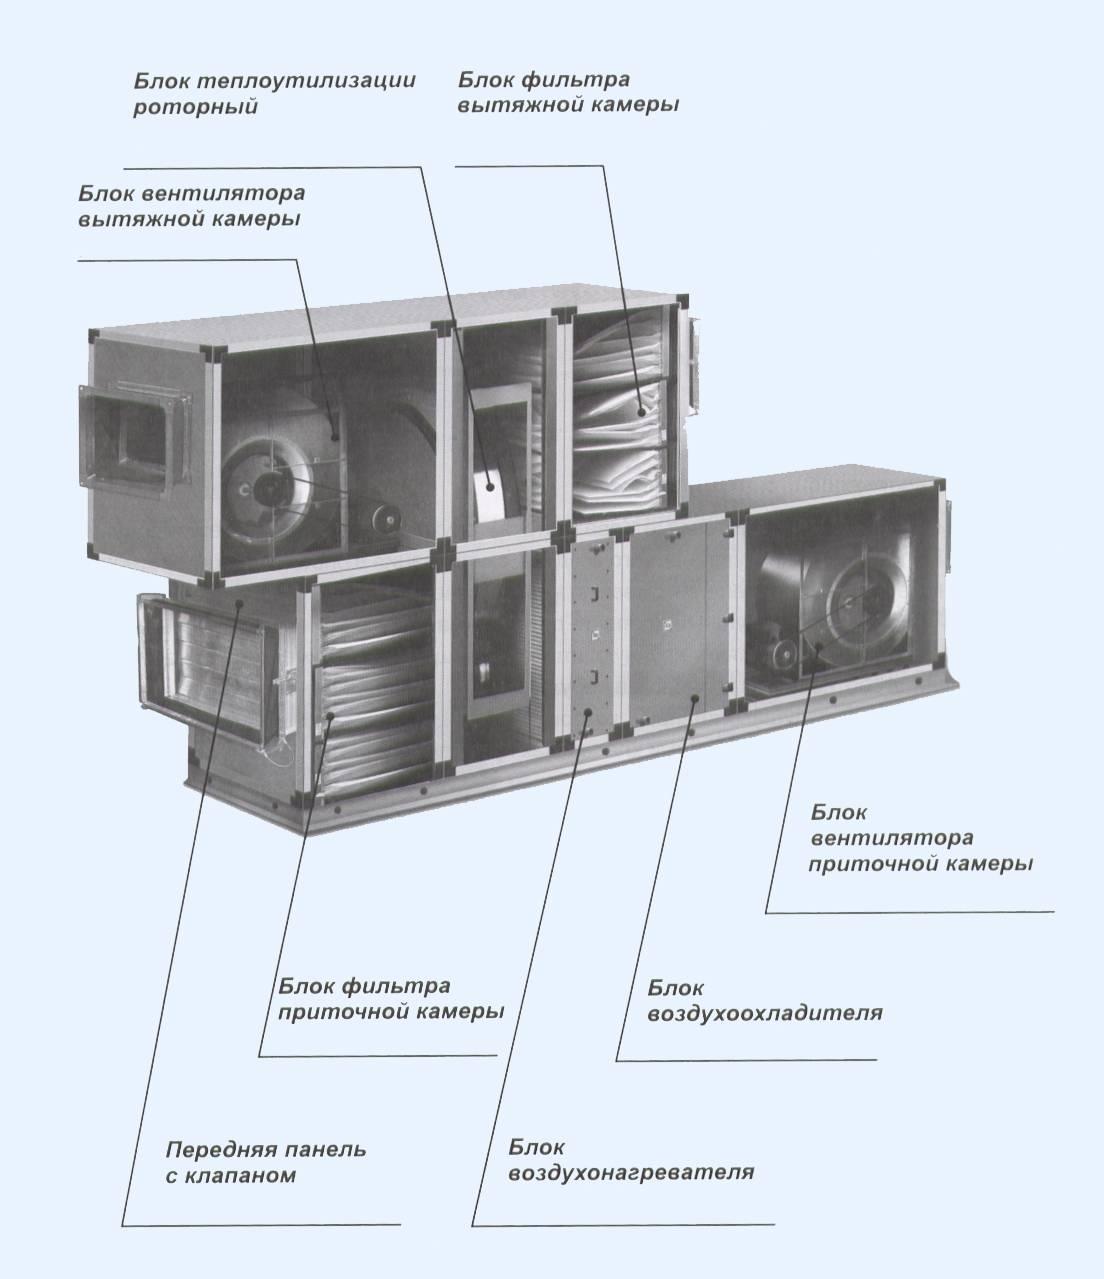 Кондиционер кассетного типа — особенности, преимущества и недостатки. кассетные кондиционеры